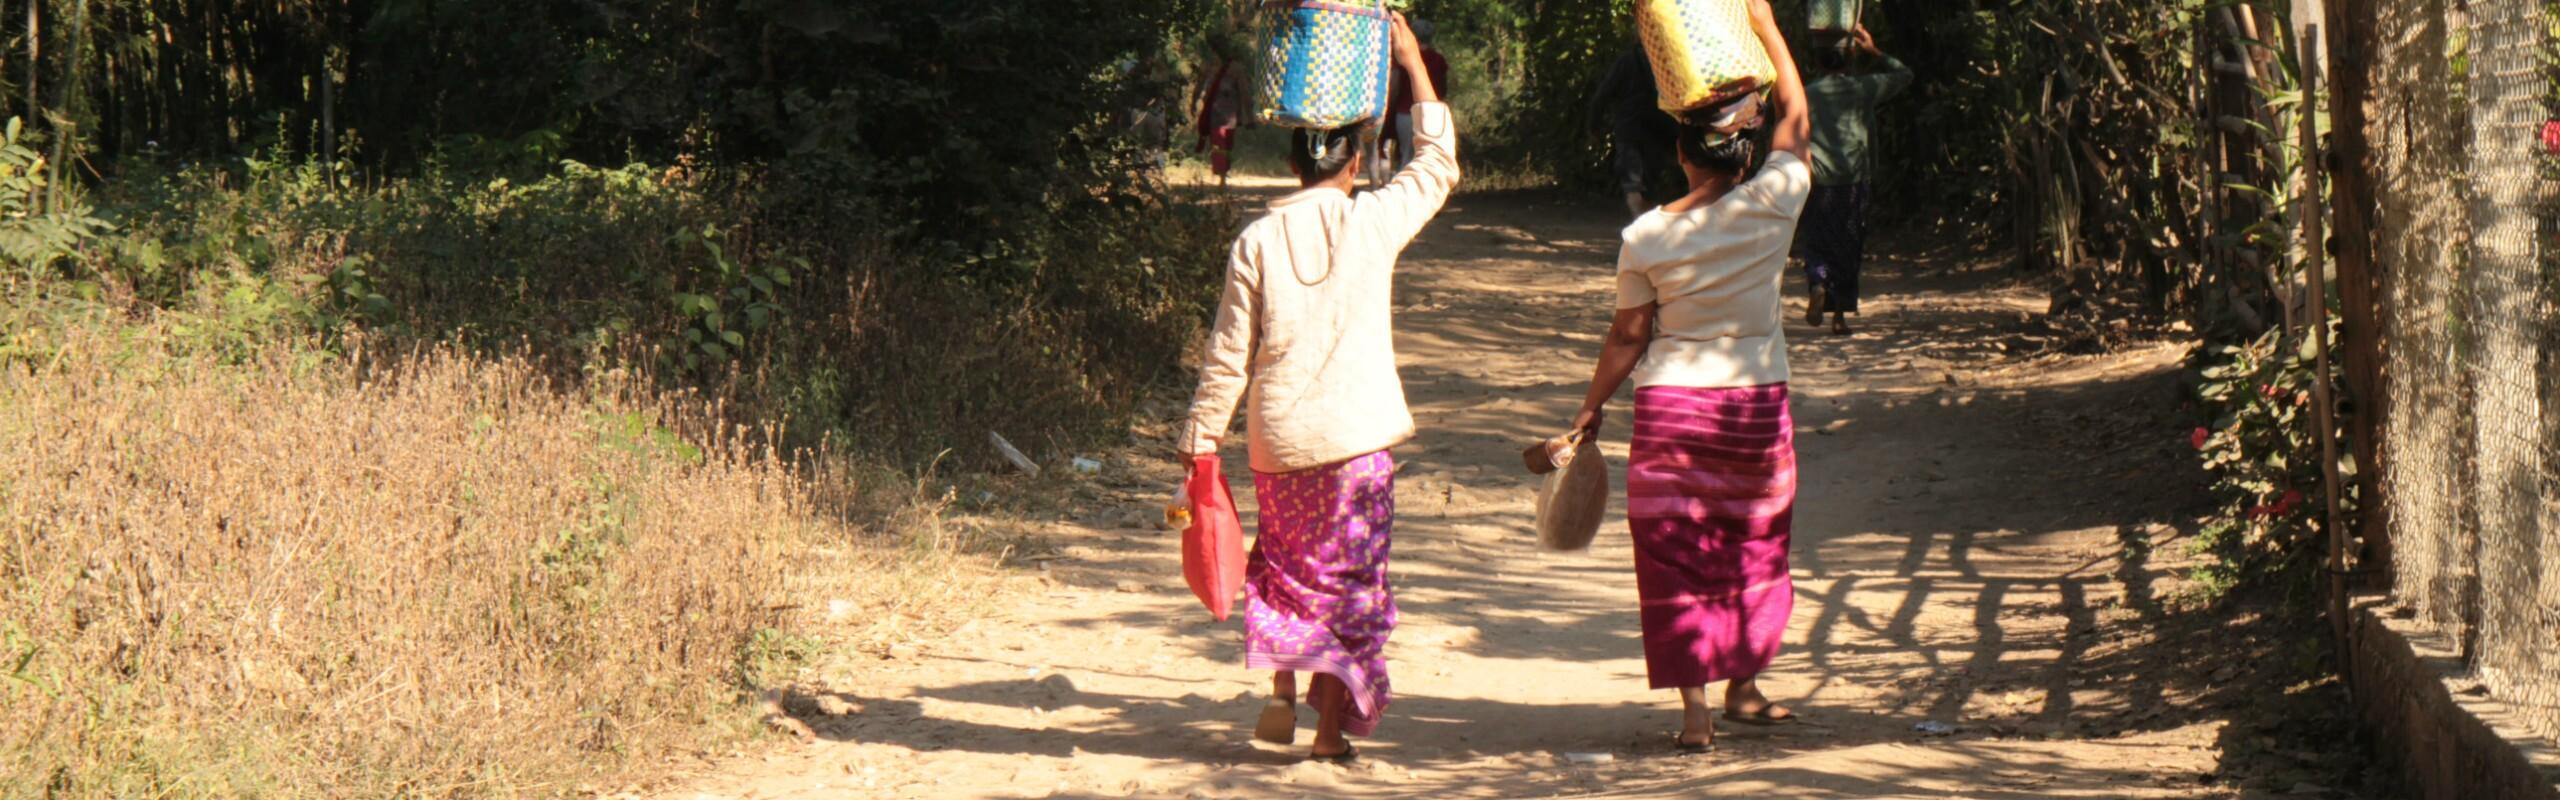 The Longyi Traditional Dress of Myanmar